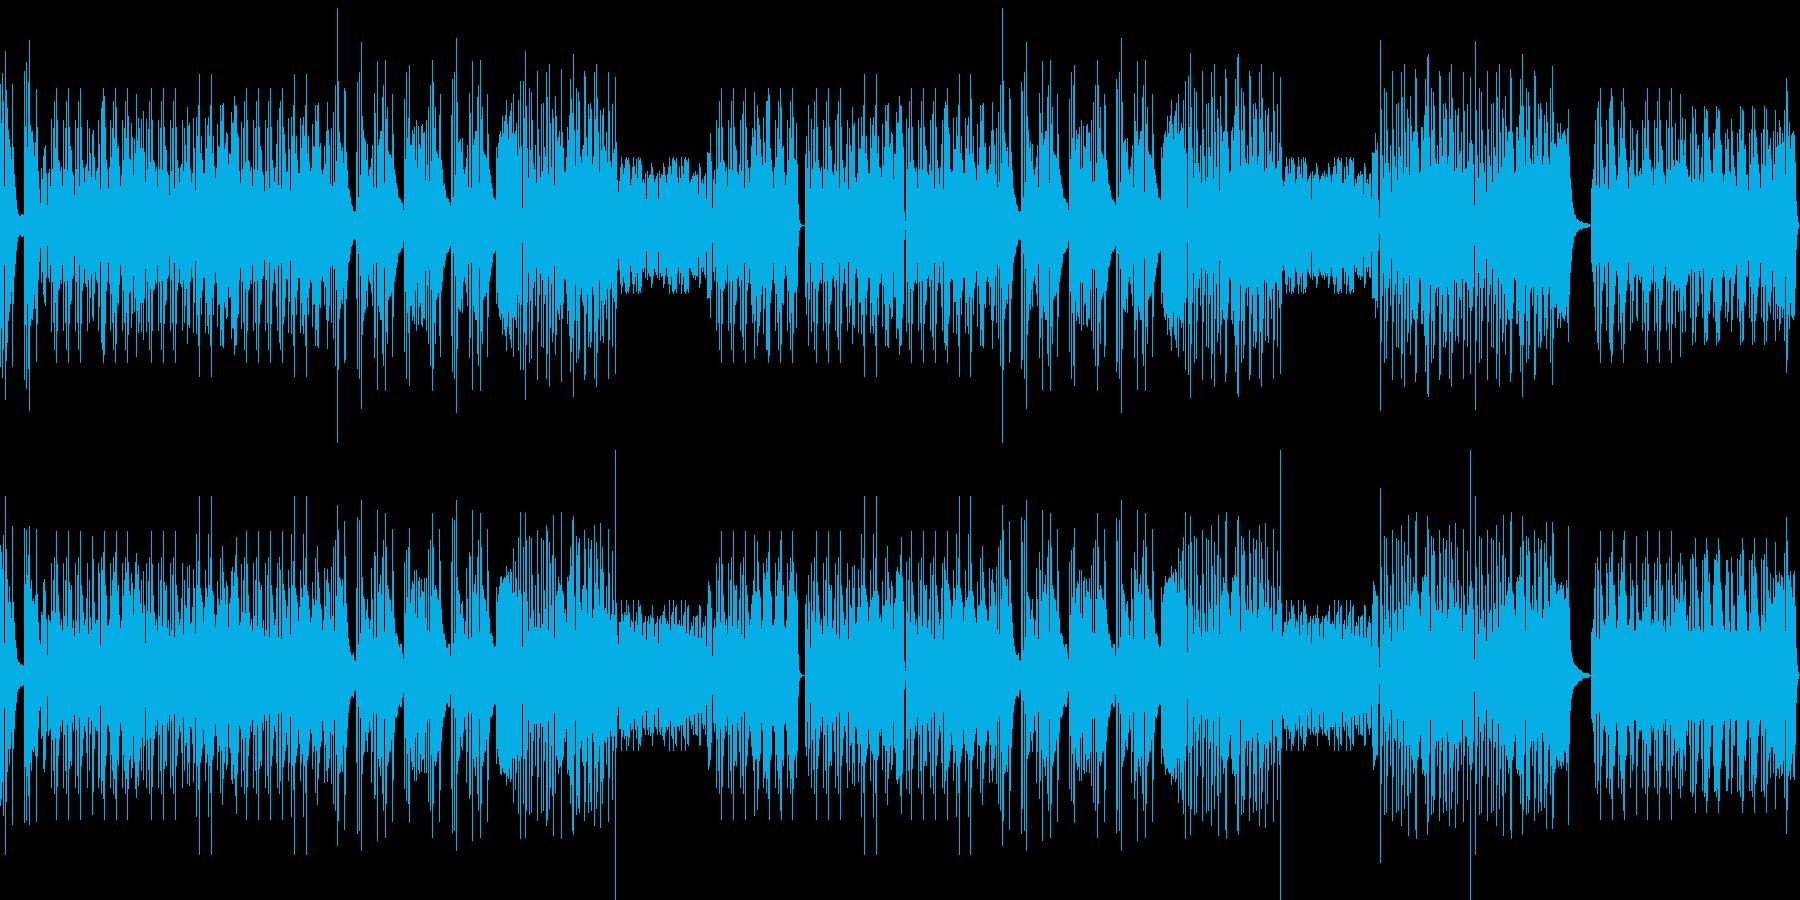 爽快感溢れるピアノソロの再生済みの波形